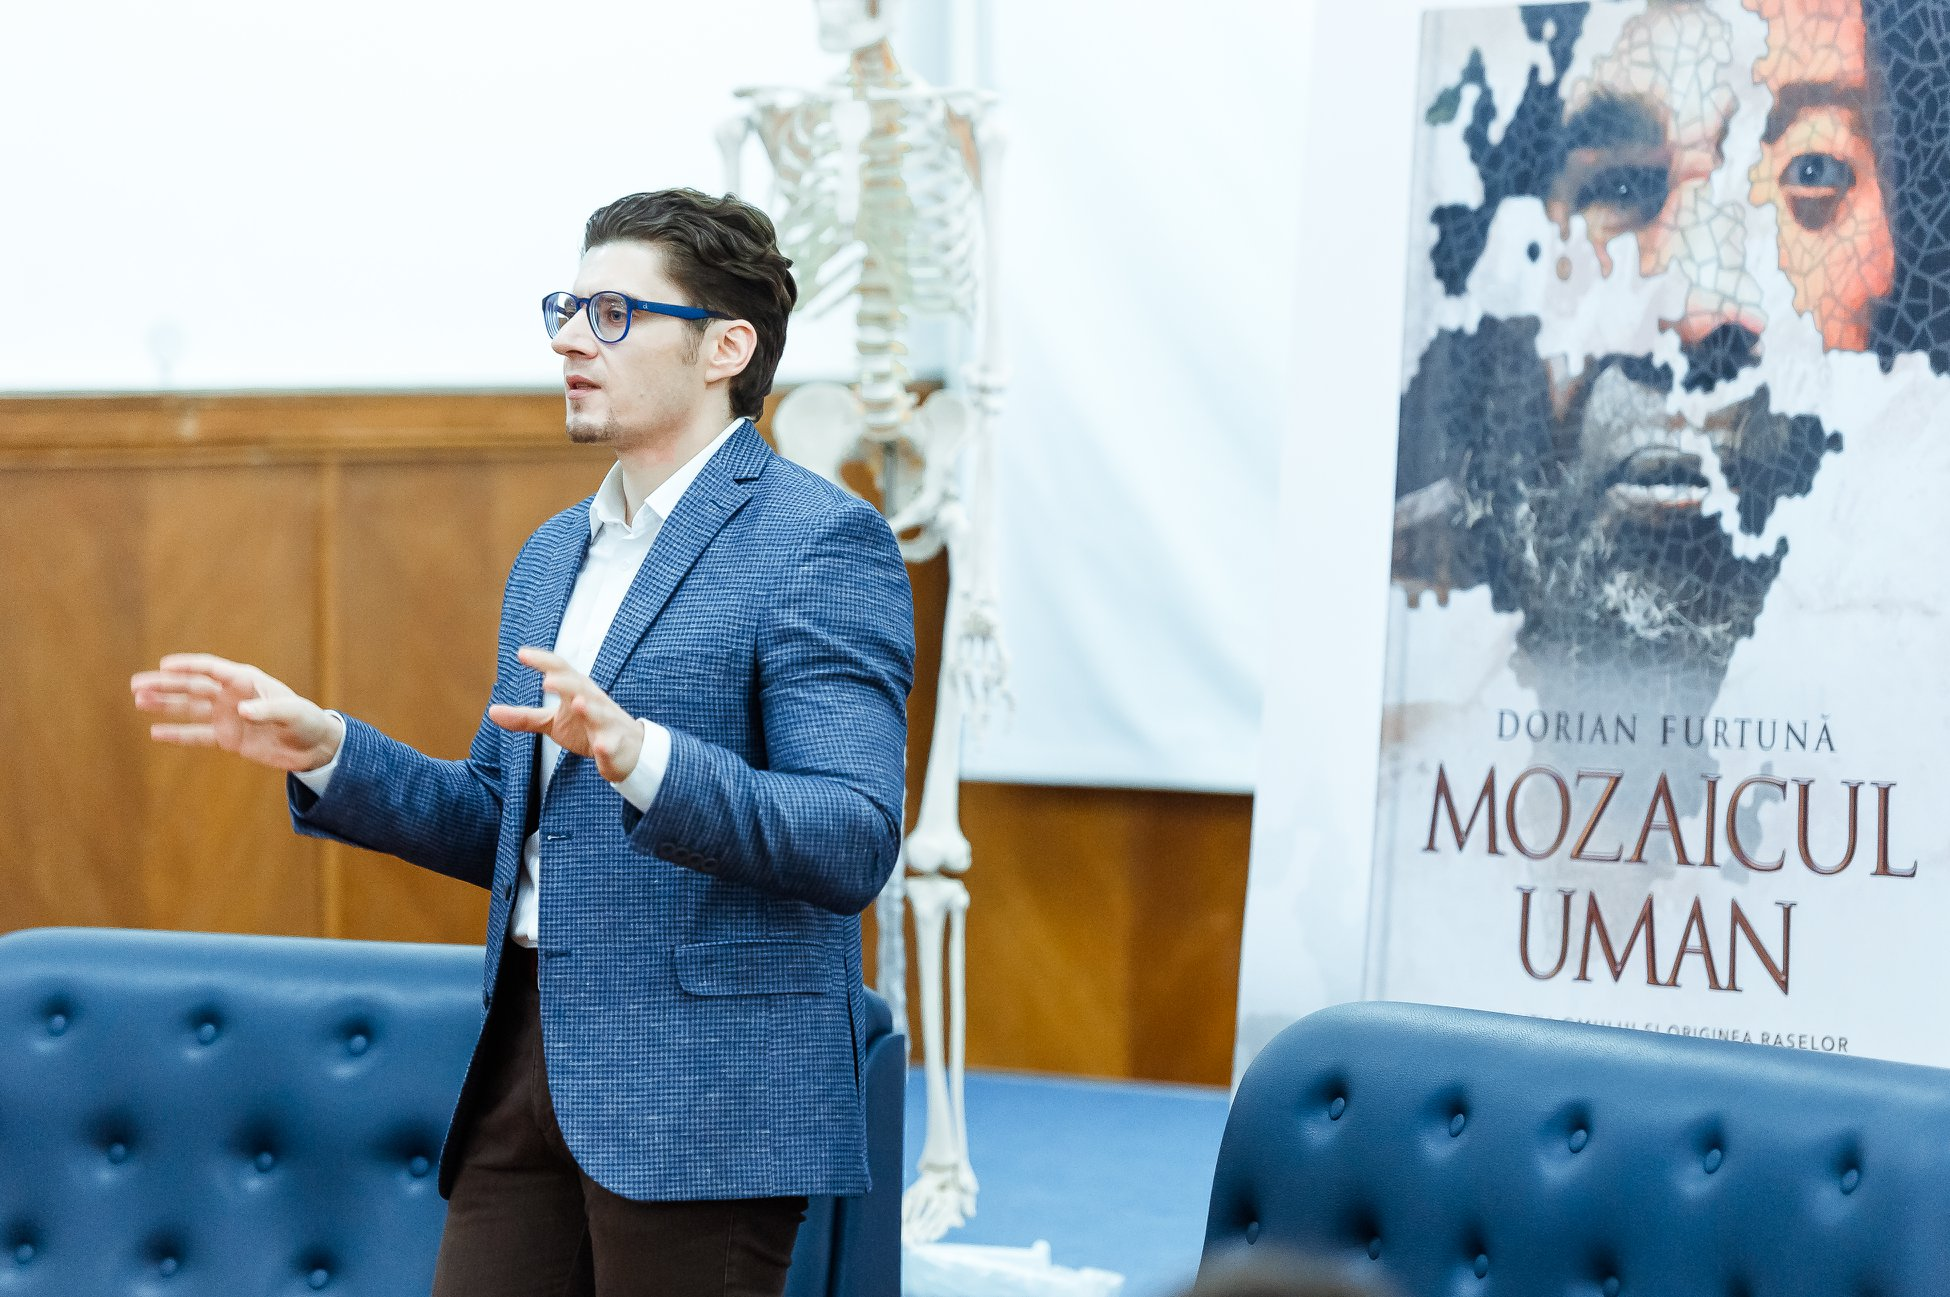 Dorian Furtună, Un individ care obține un scor înalt la testele IQ, scor înalt la testul vieții, iluzia fericirii, psihologie, mozaicul uman,